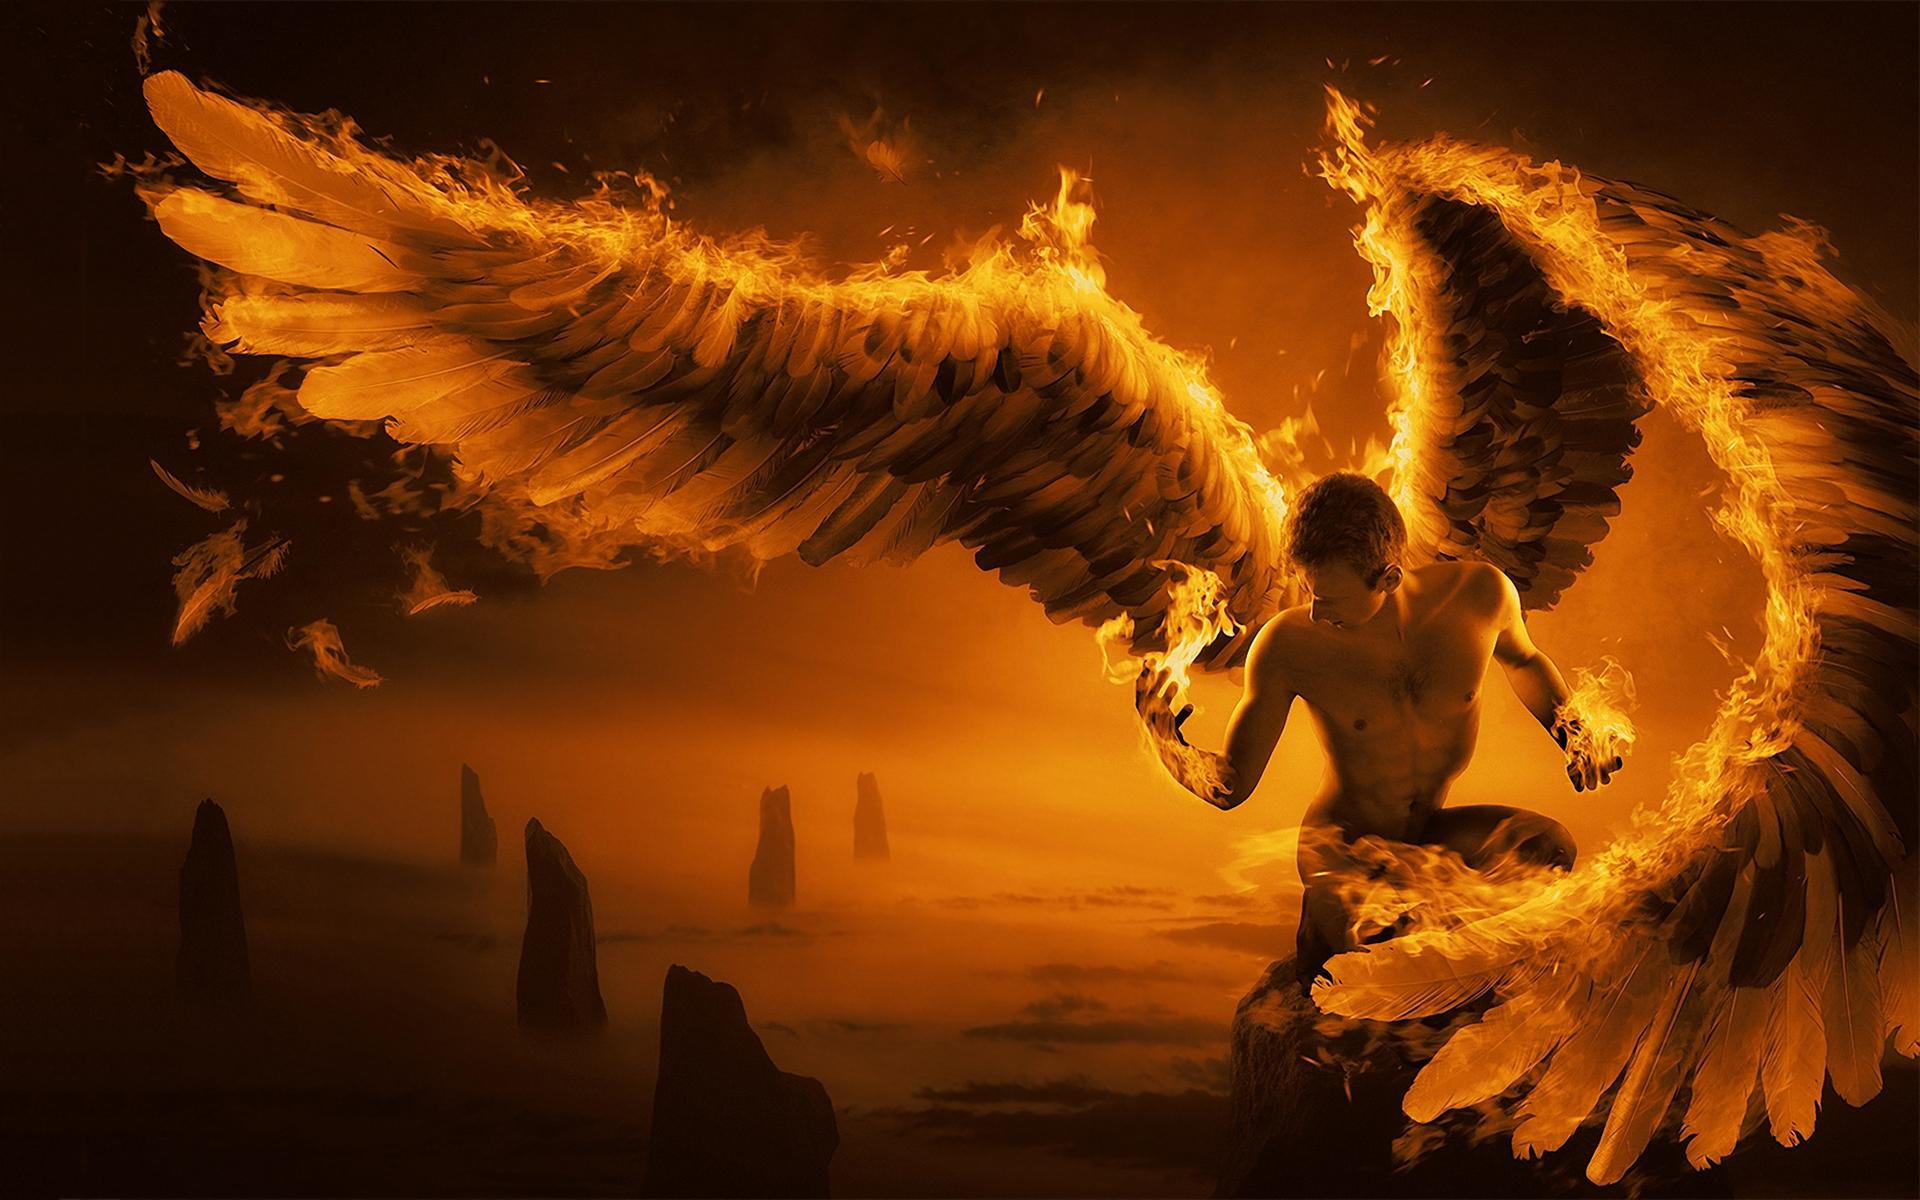 Fire wings art